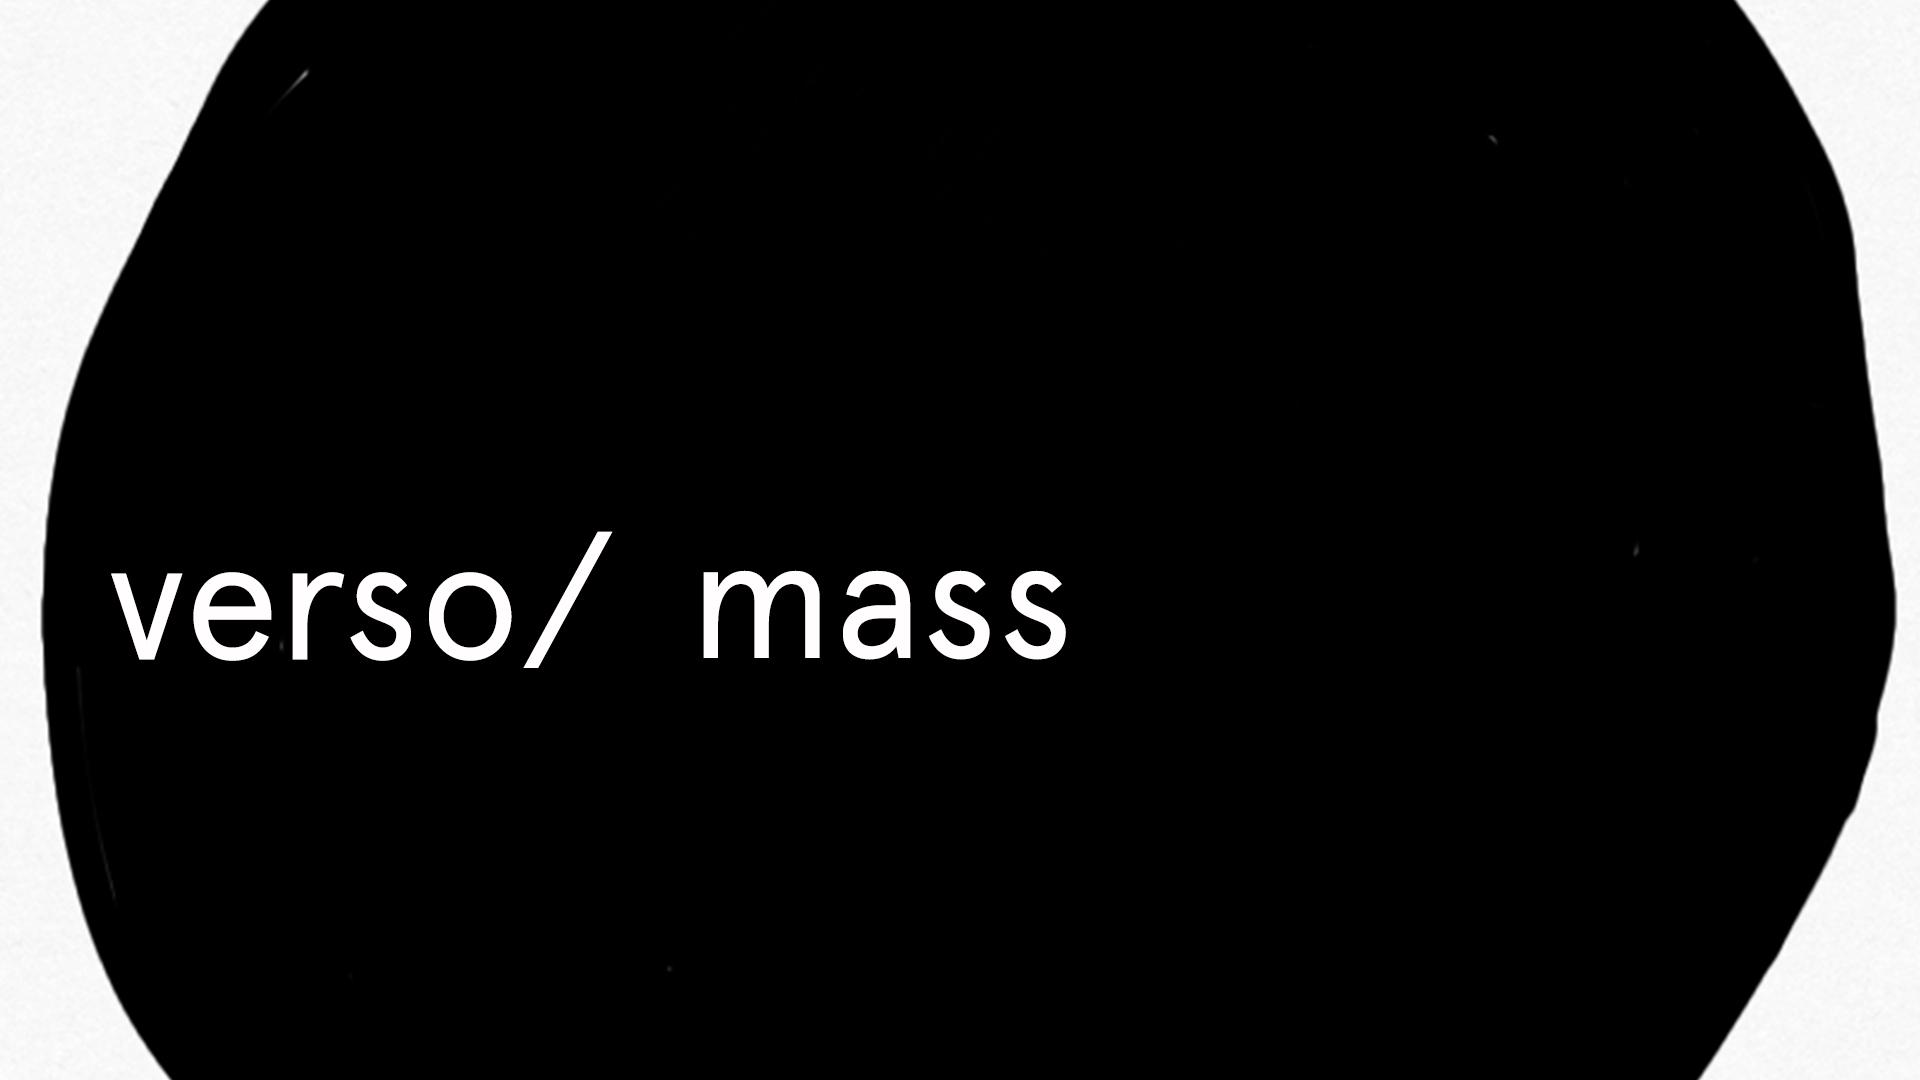 Verso mass_December_3.jpg